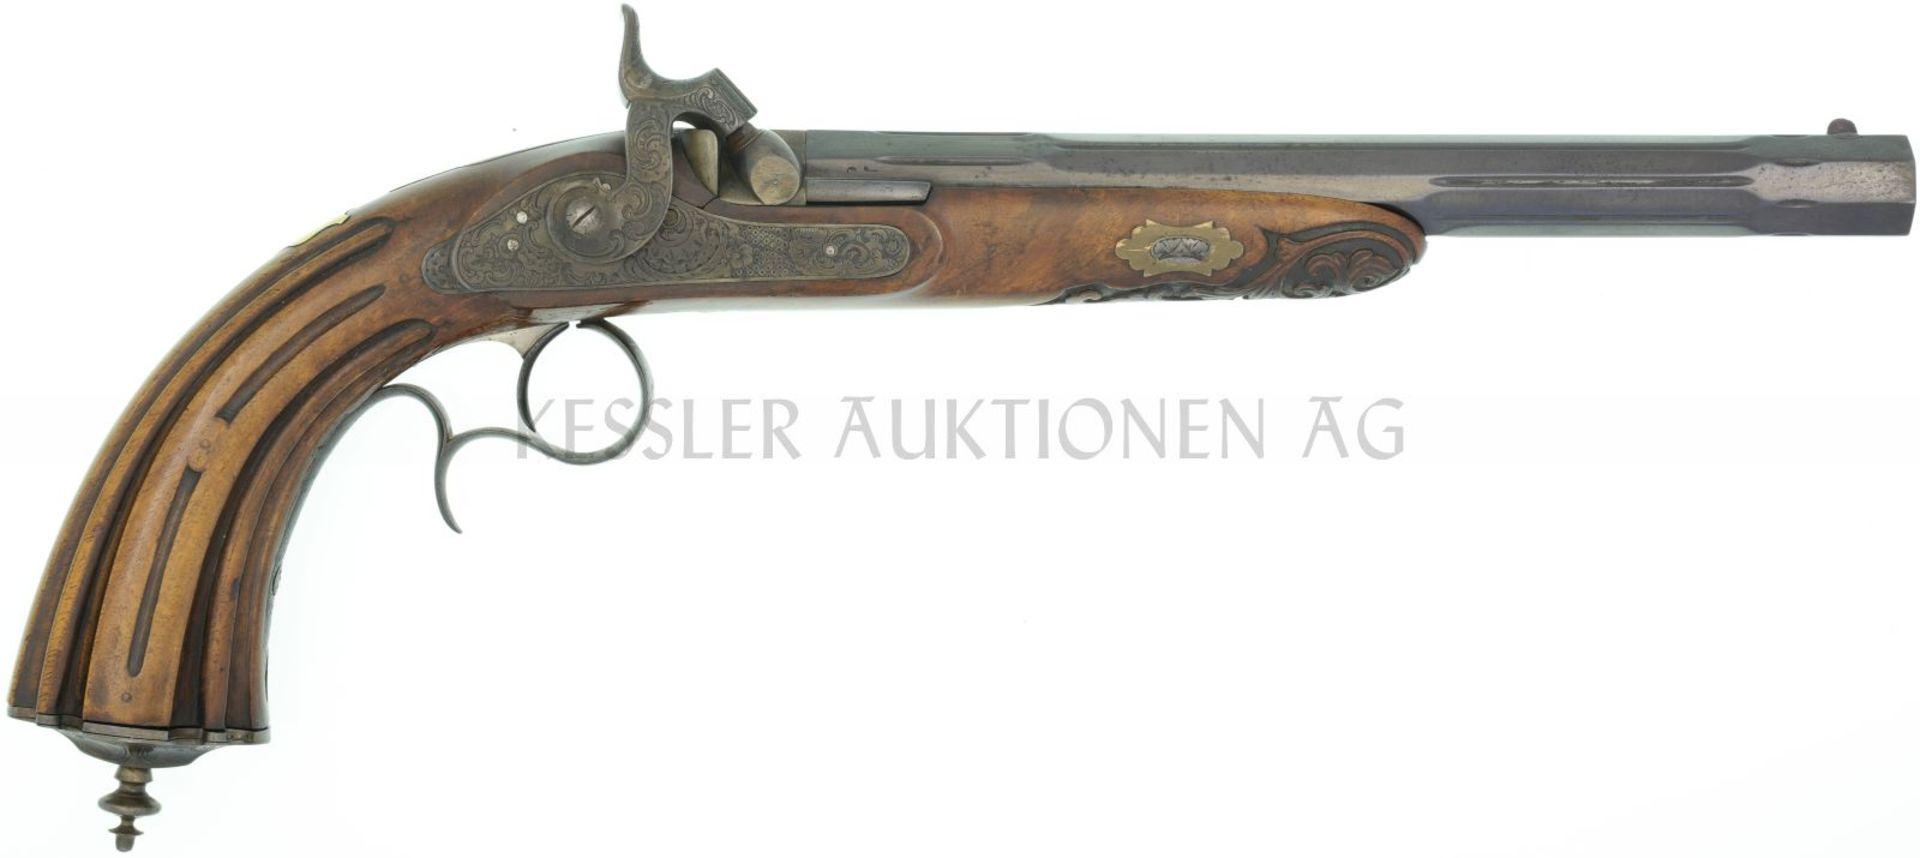 Perkussionspistole, belgischer Beschuss, um 1840, Kal. 13,2mm LL 236mm, TL 410mm, kannelierter,